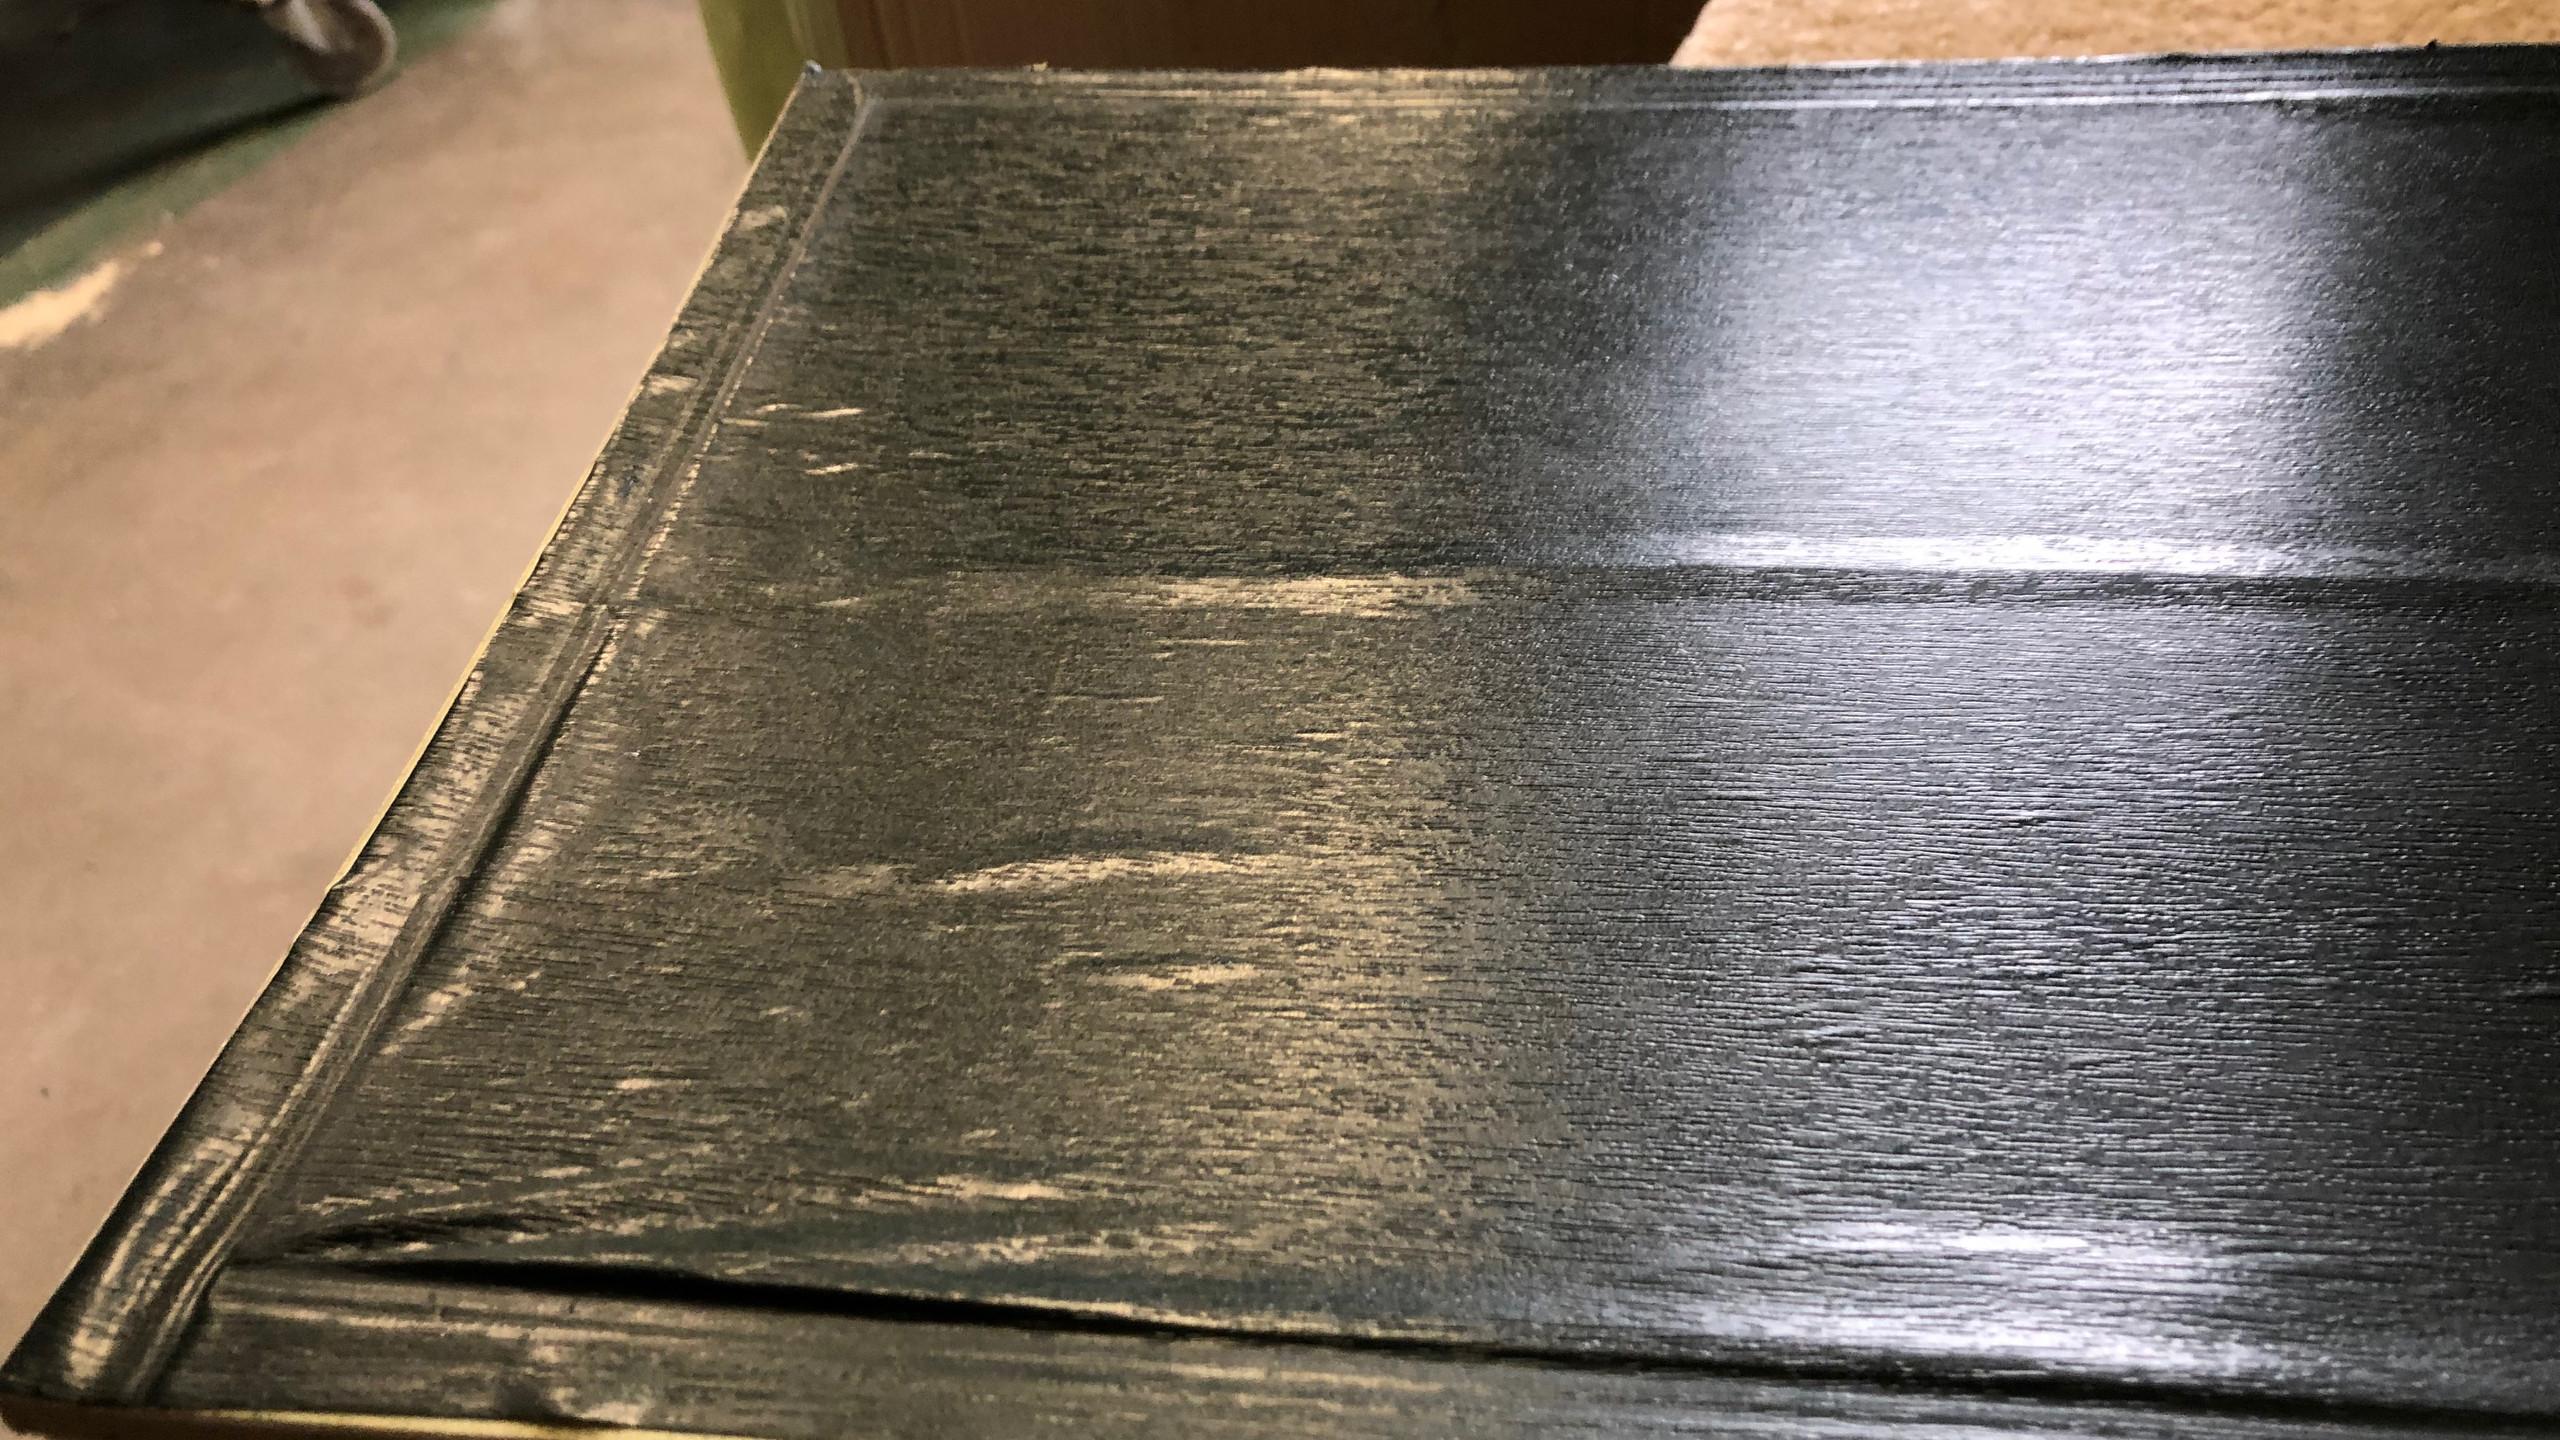 Blistered foil